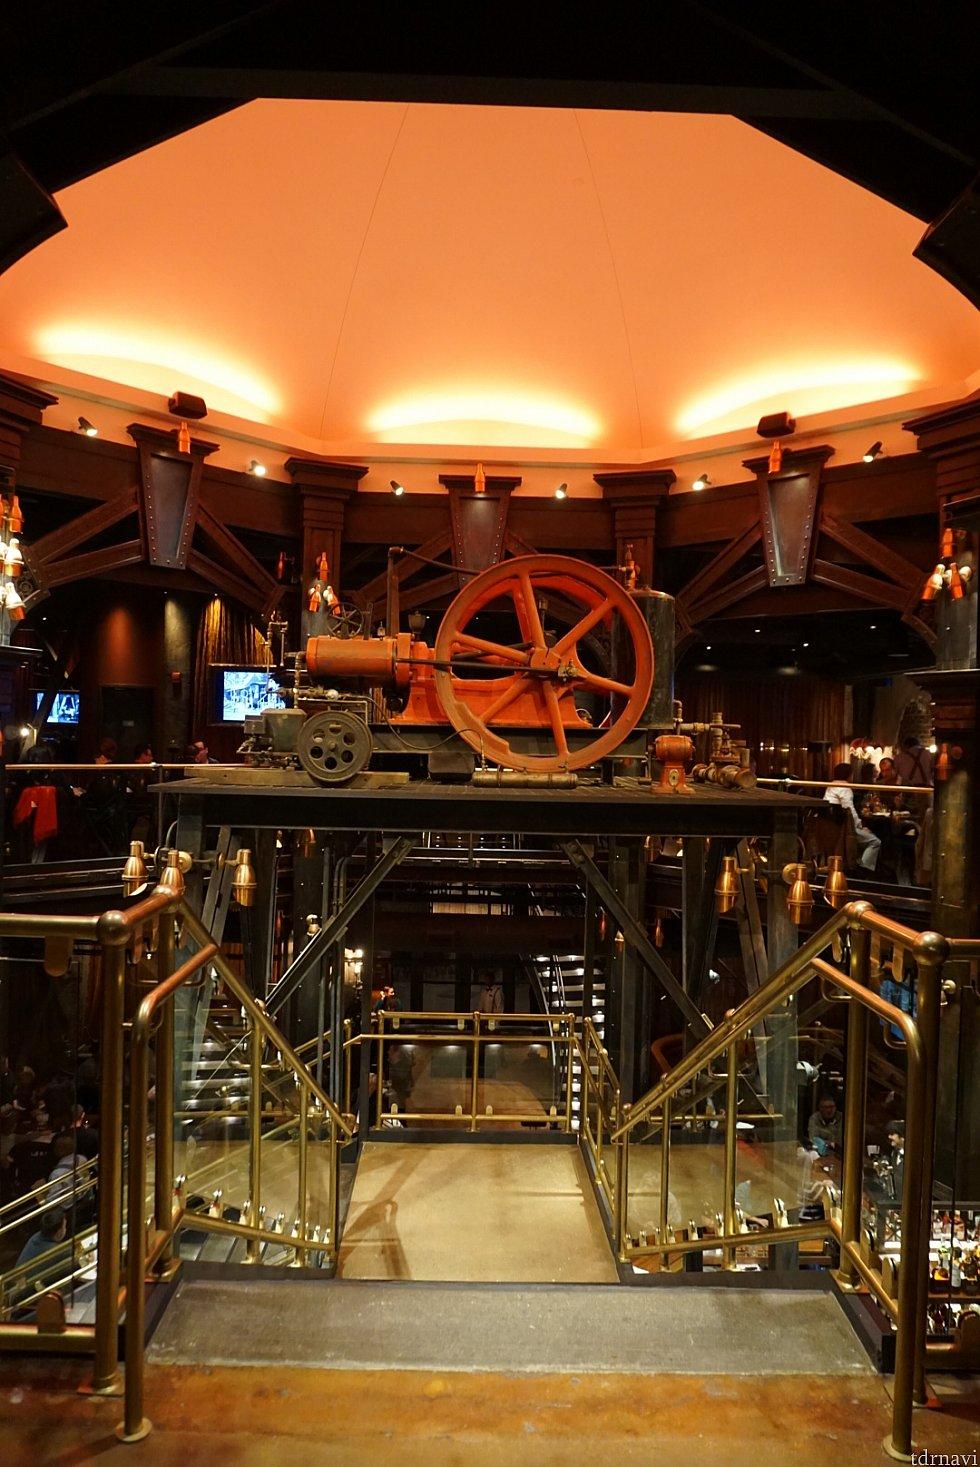 レストランのテーマが工業的であり、少しスティームパンクな雰囲気もあります。入口は上階なので下に降りていきます。